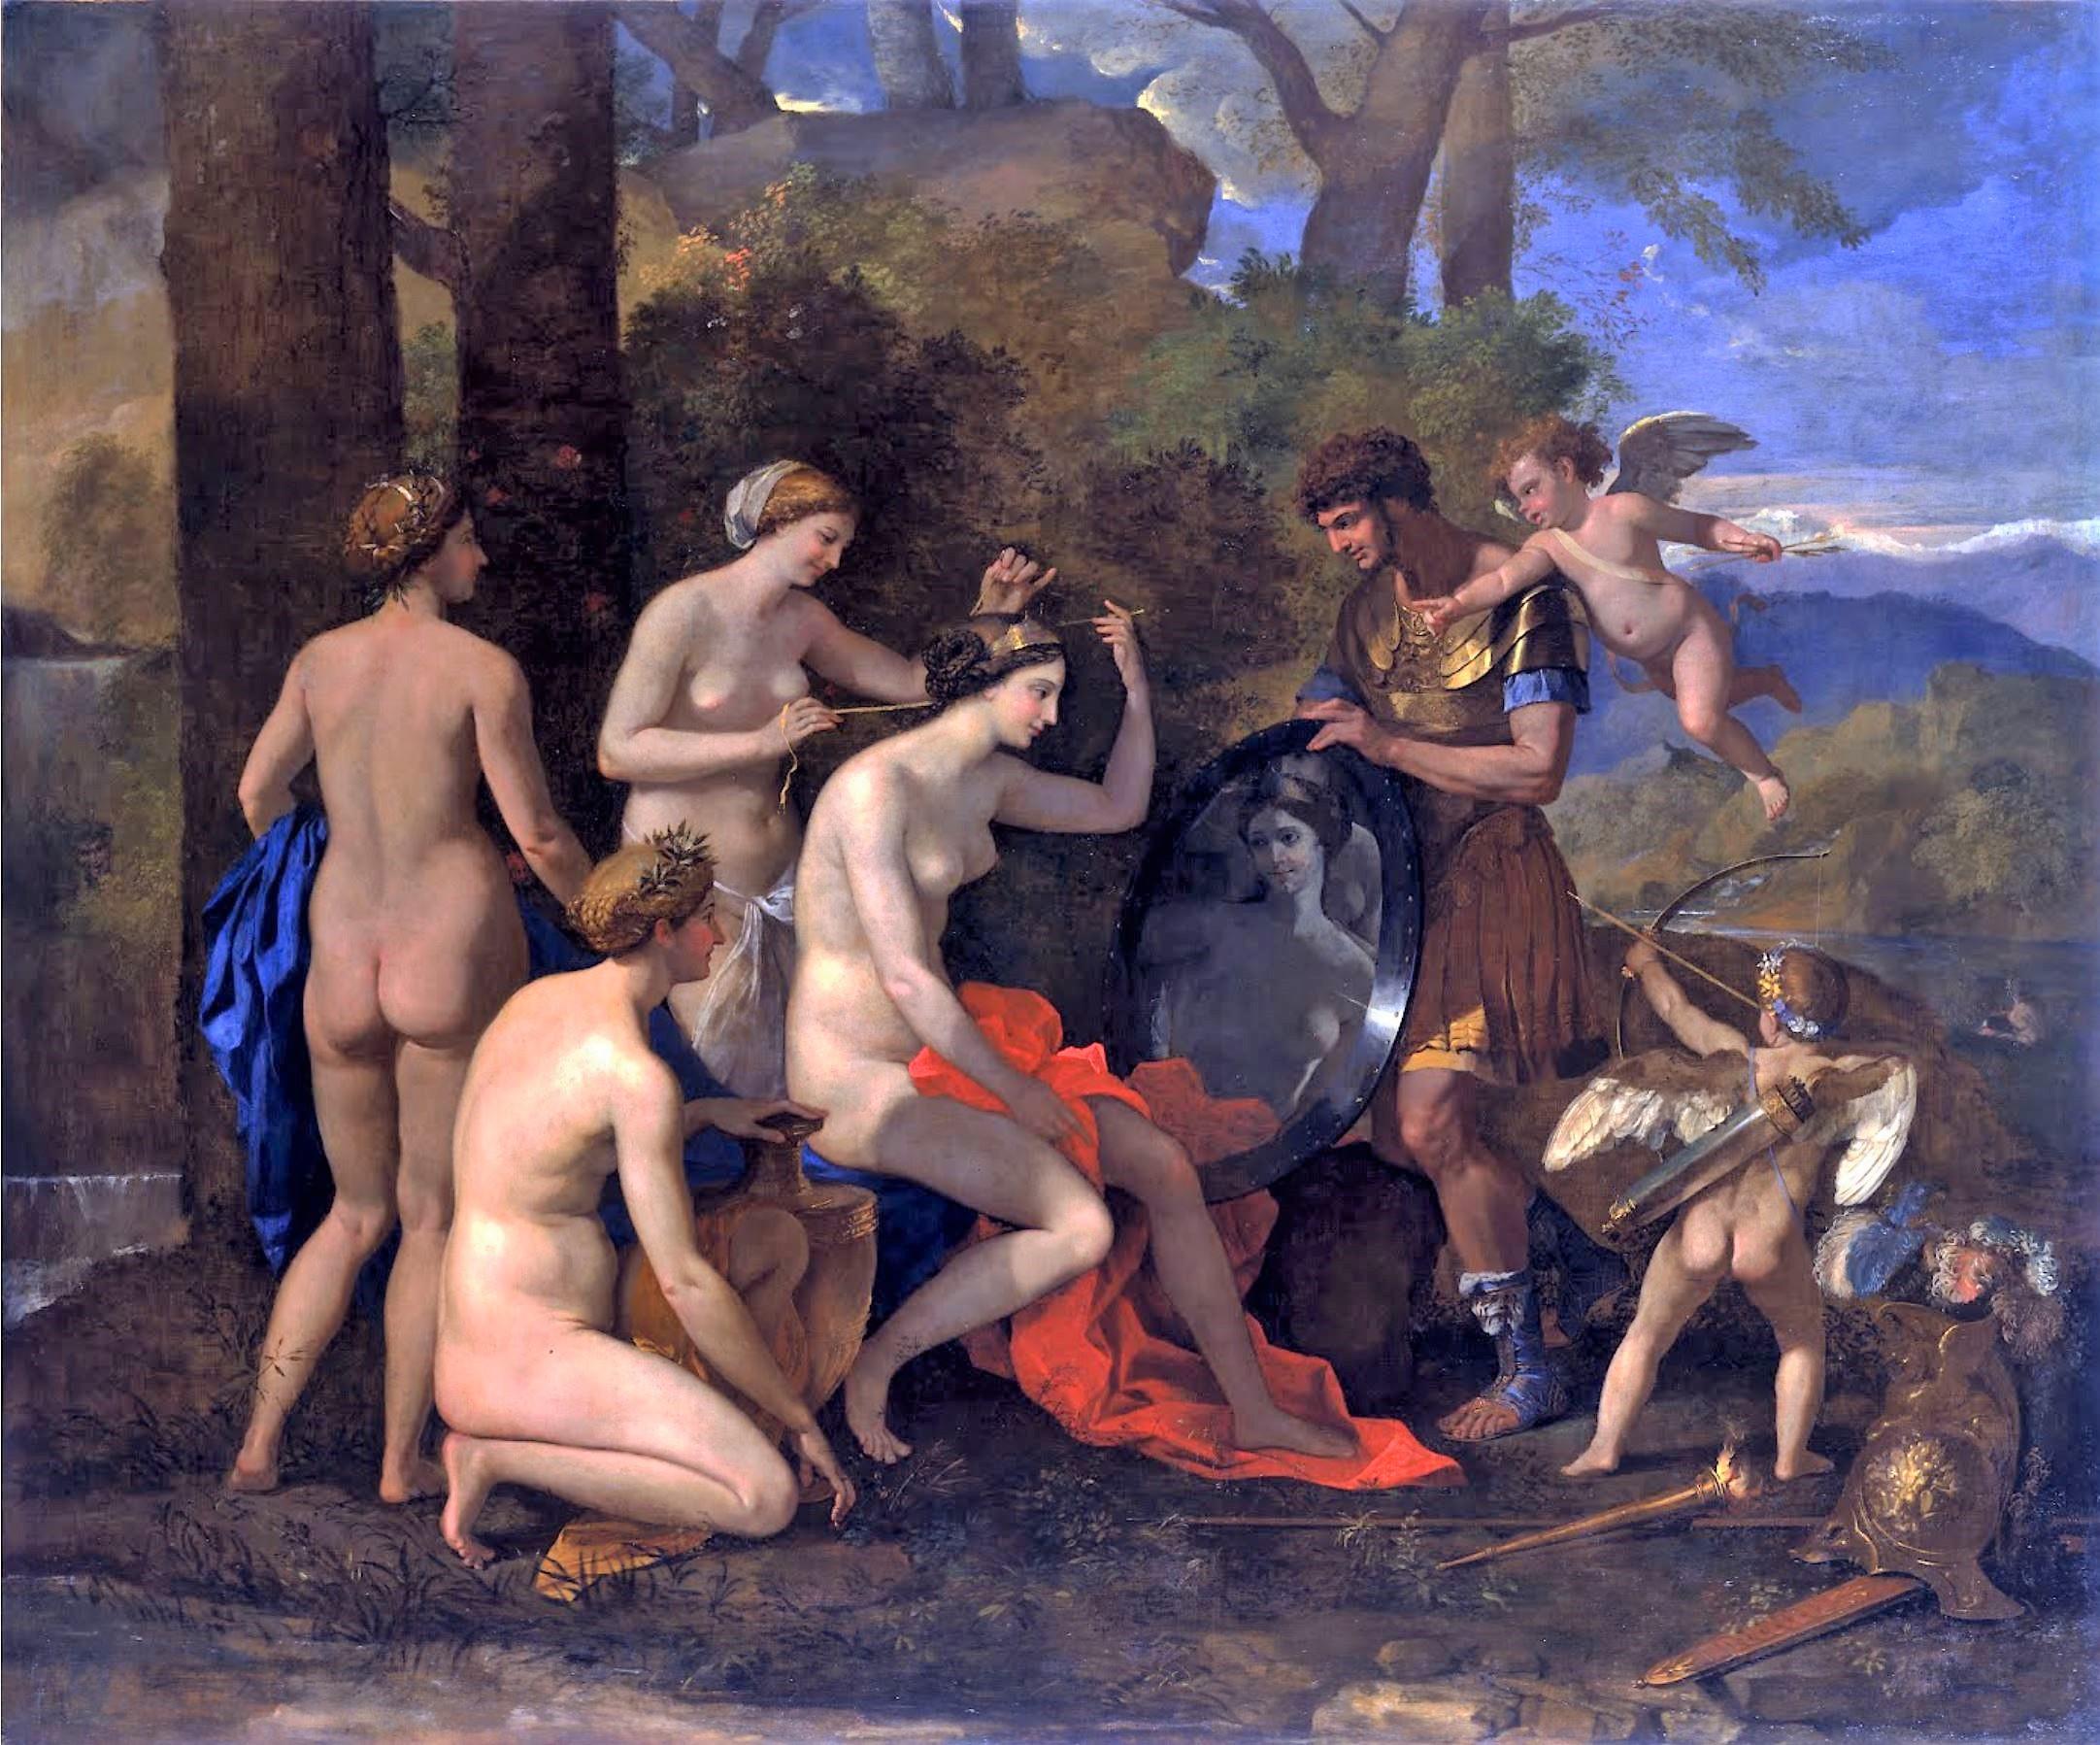 Mars et Venus Poussin 1632-34 Toledo museum of arts